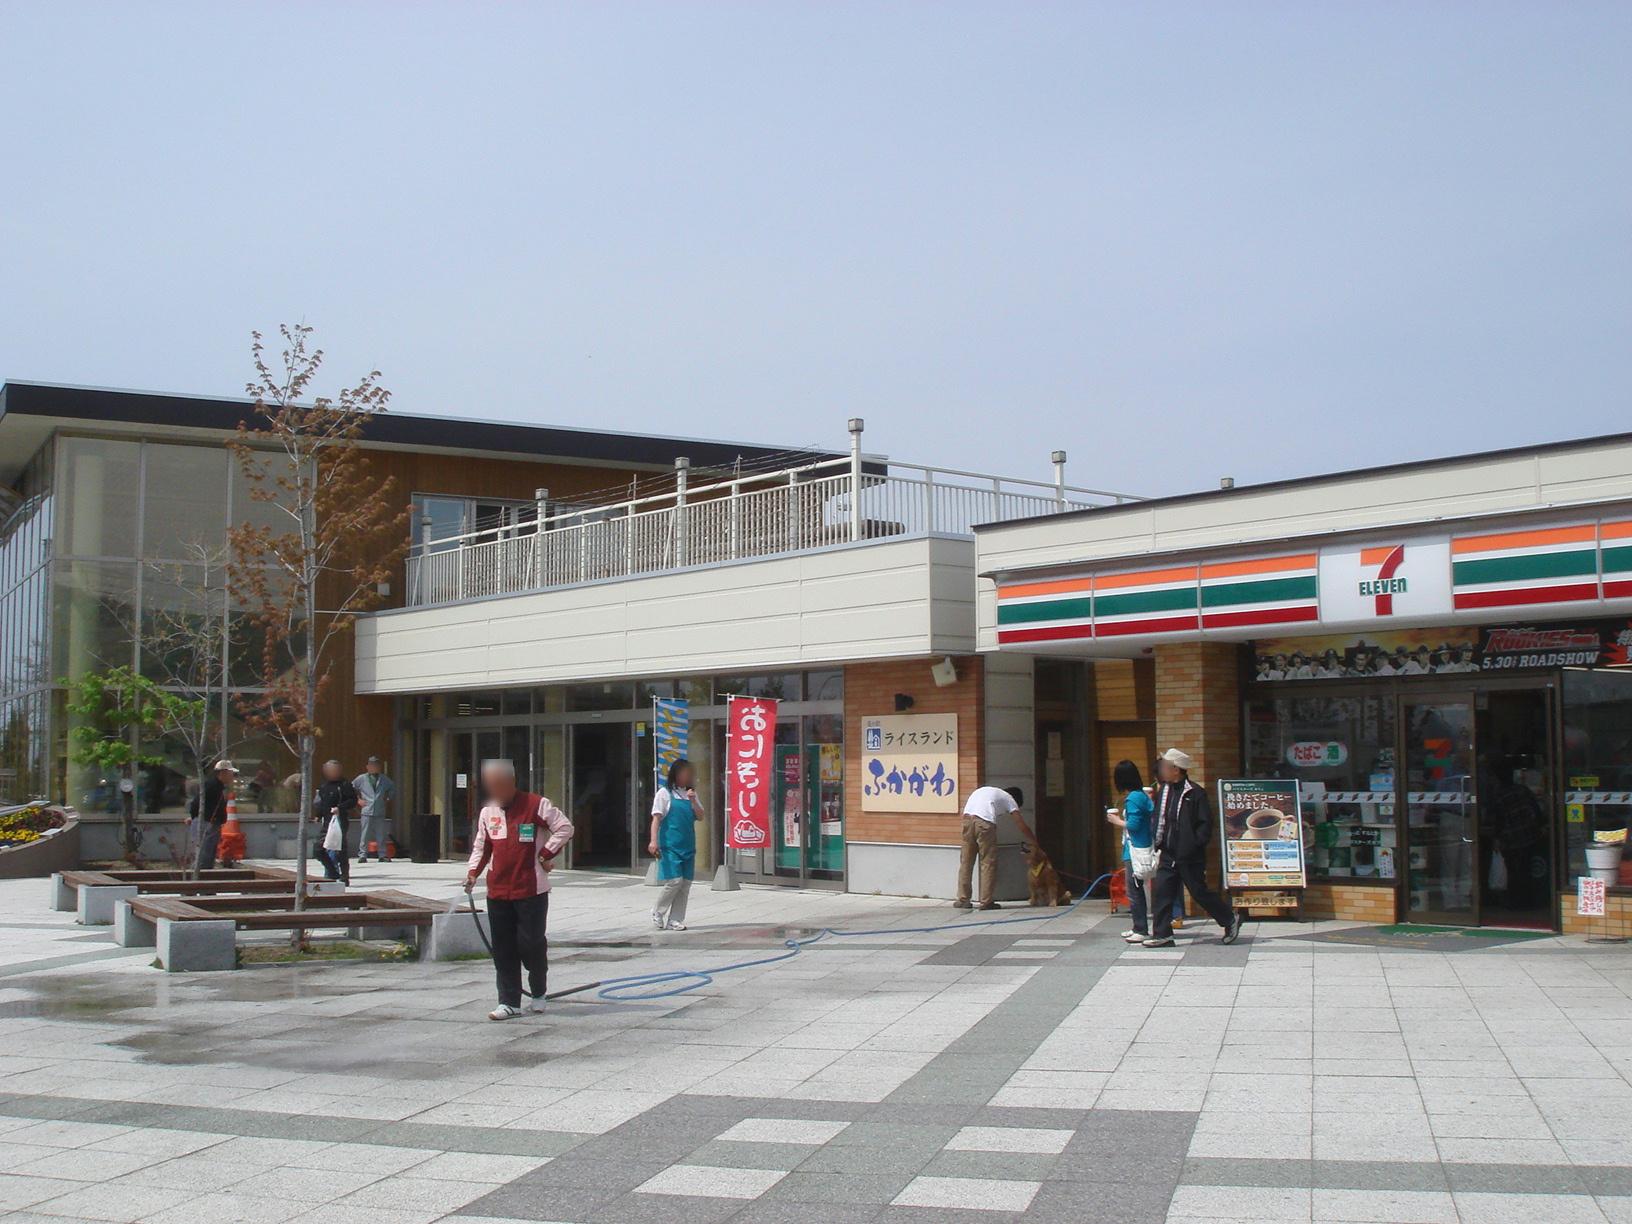 https://upload.wikimedia.org/wikipedia/commons/a/a9/Michinoeki_Rice_Land_Fukagawa.jpg